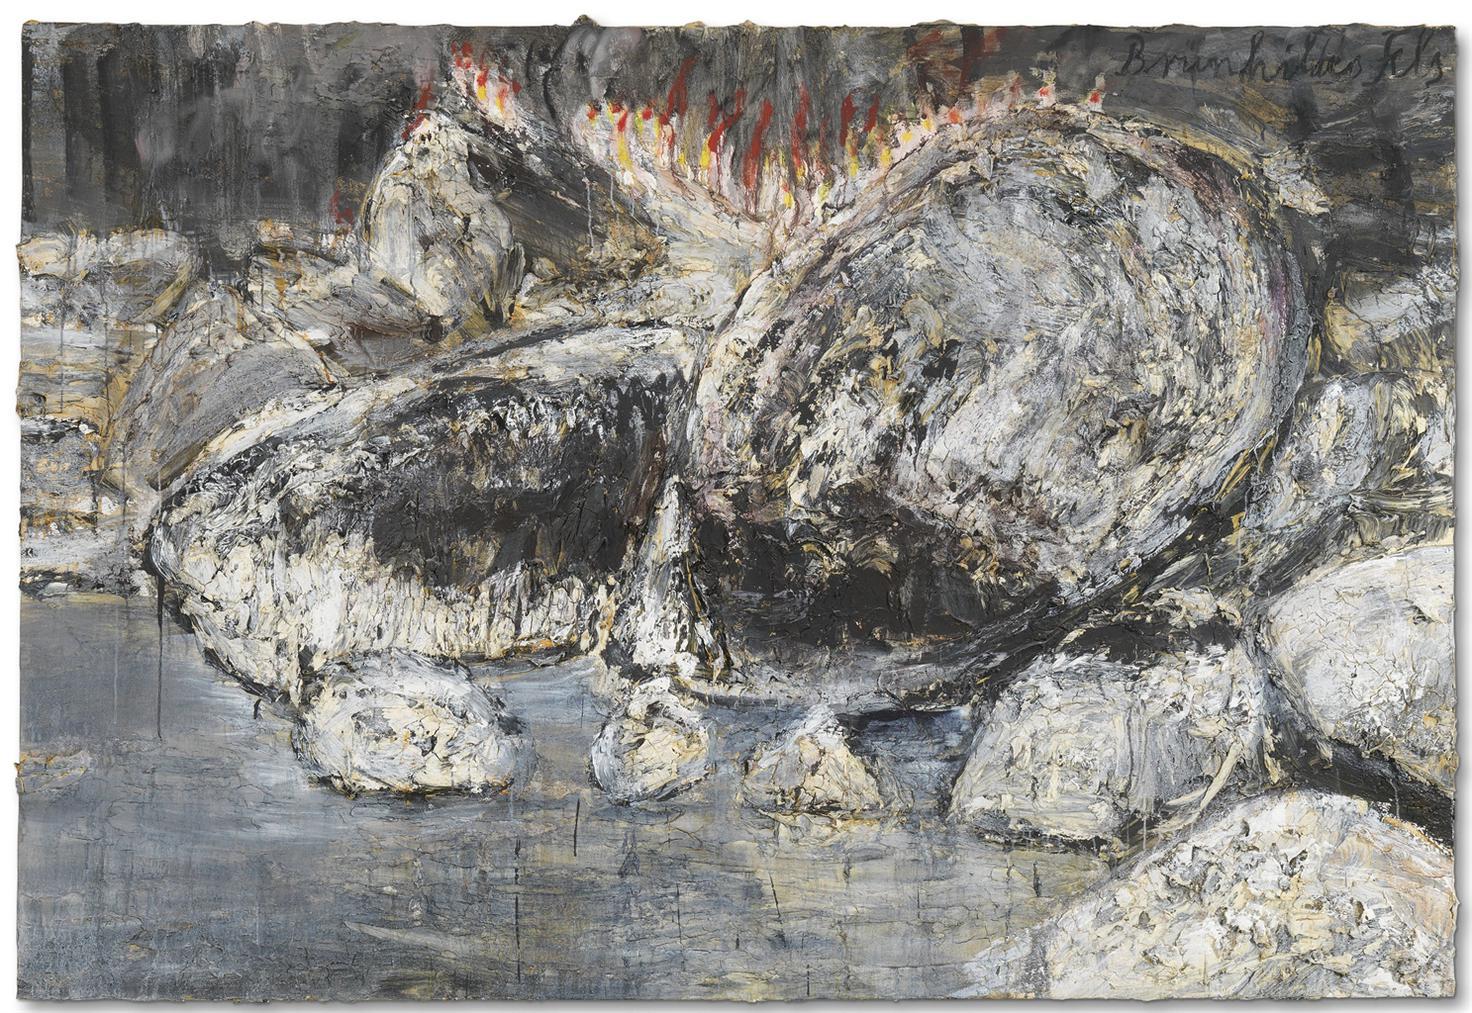 Anselm Kiefer-Brunhildes Fels (Brunhildes Rock)-2007